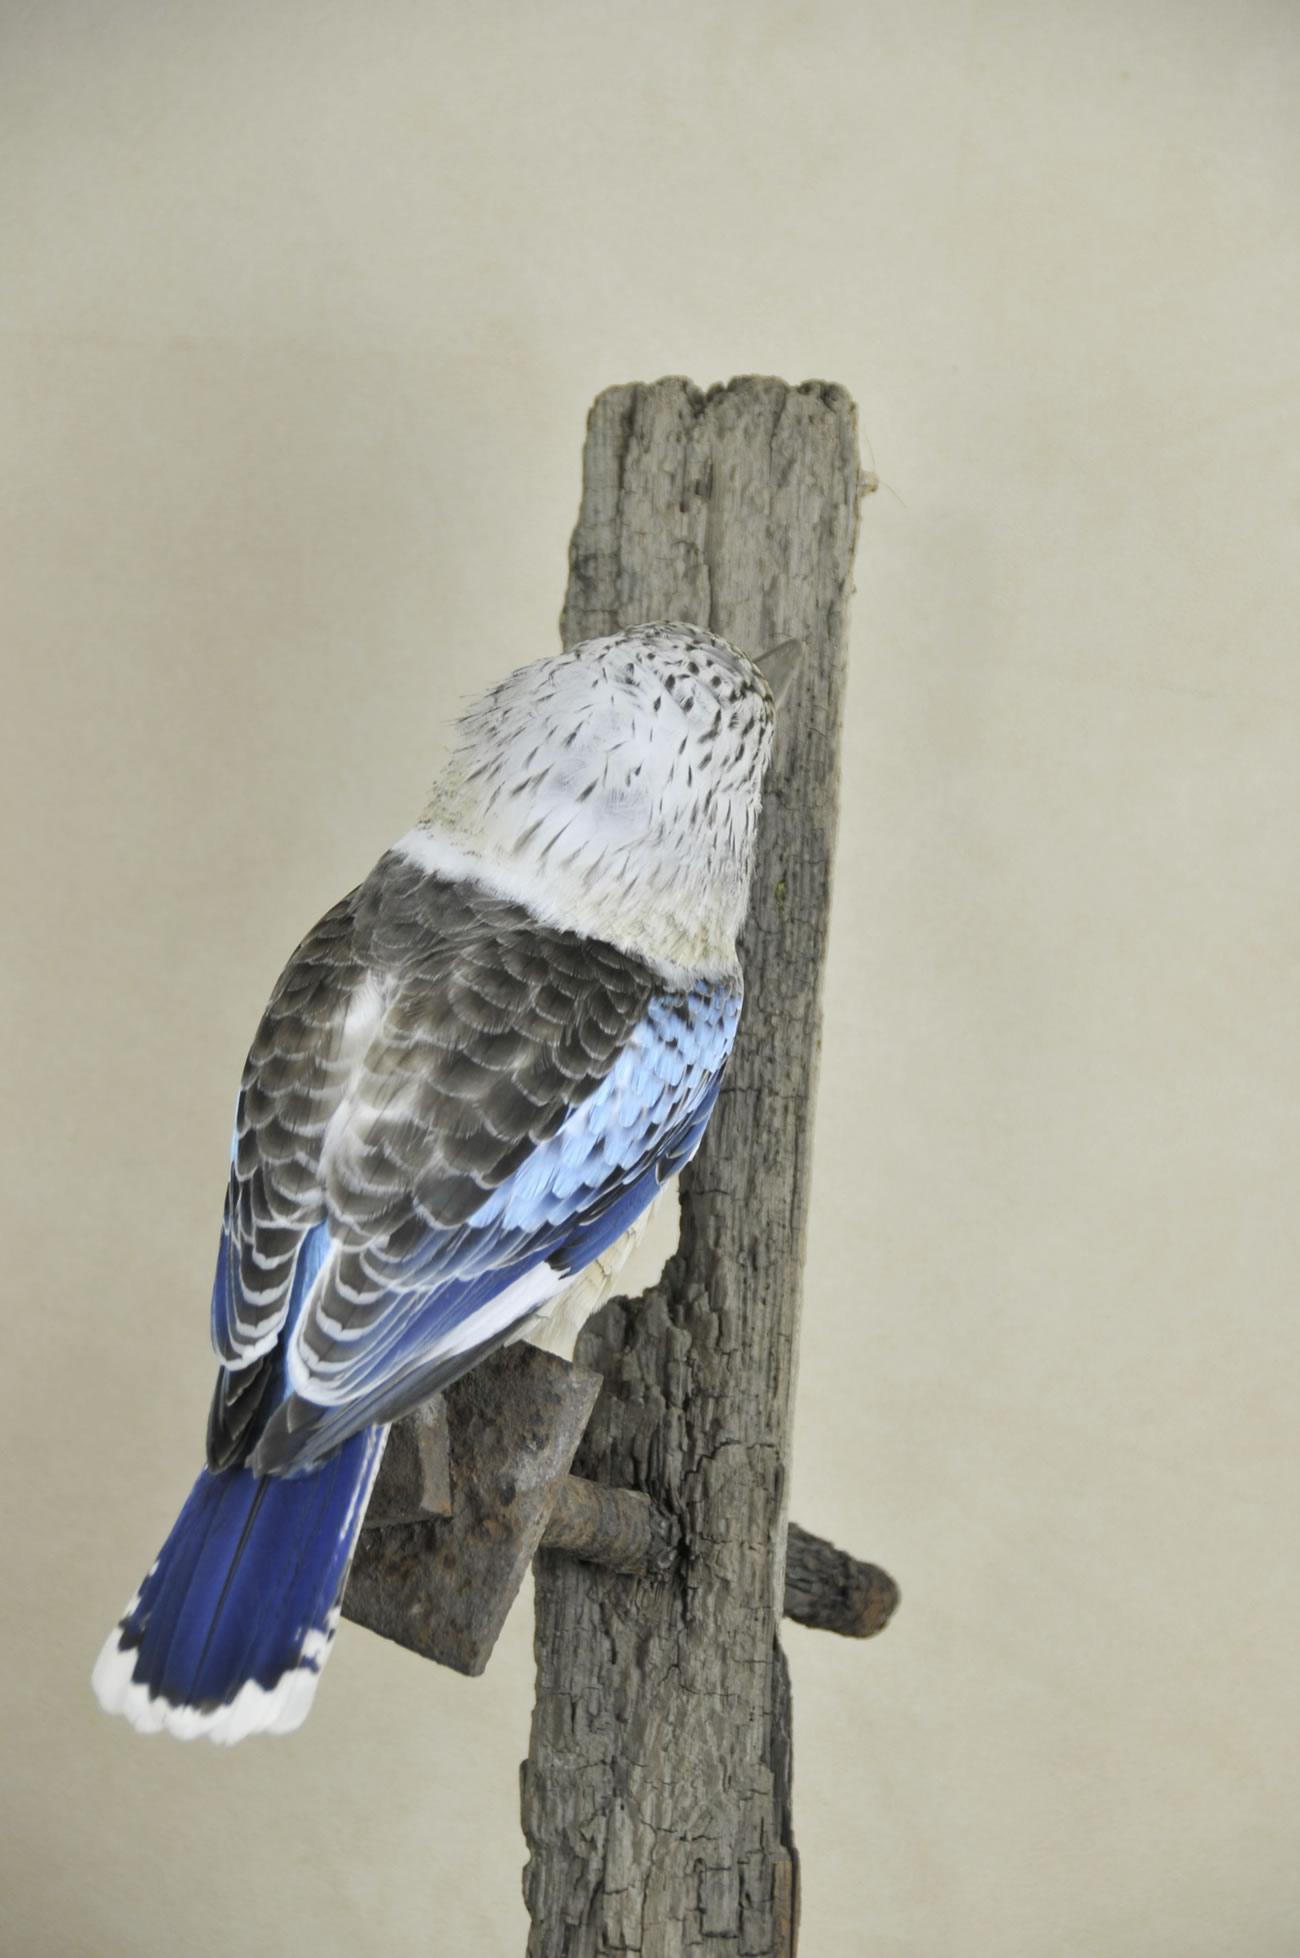 Kookaburra taxidermy 12